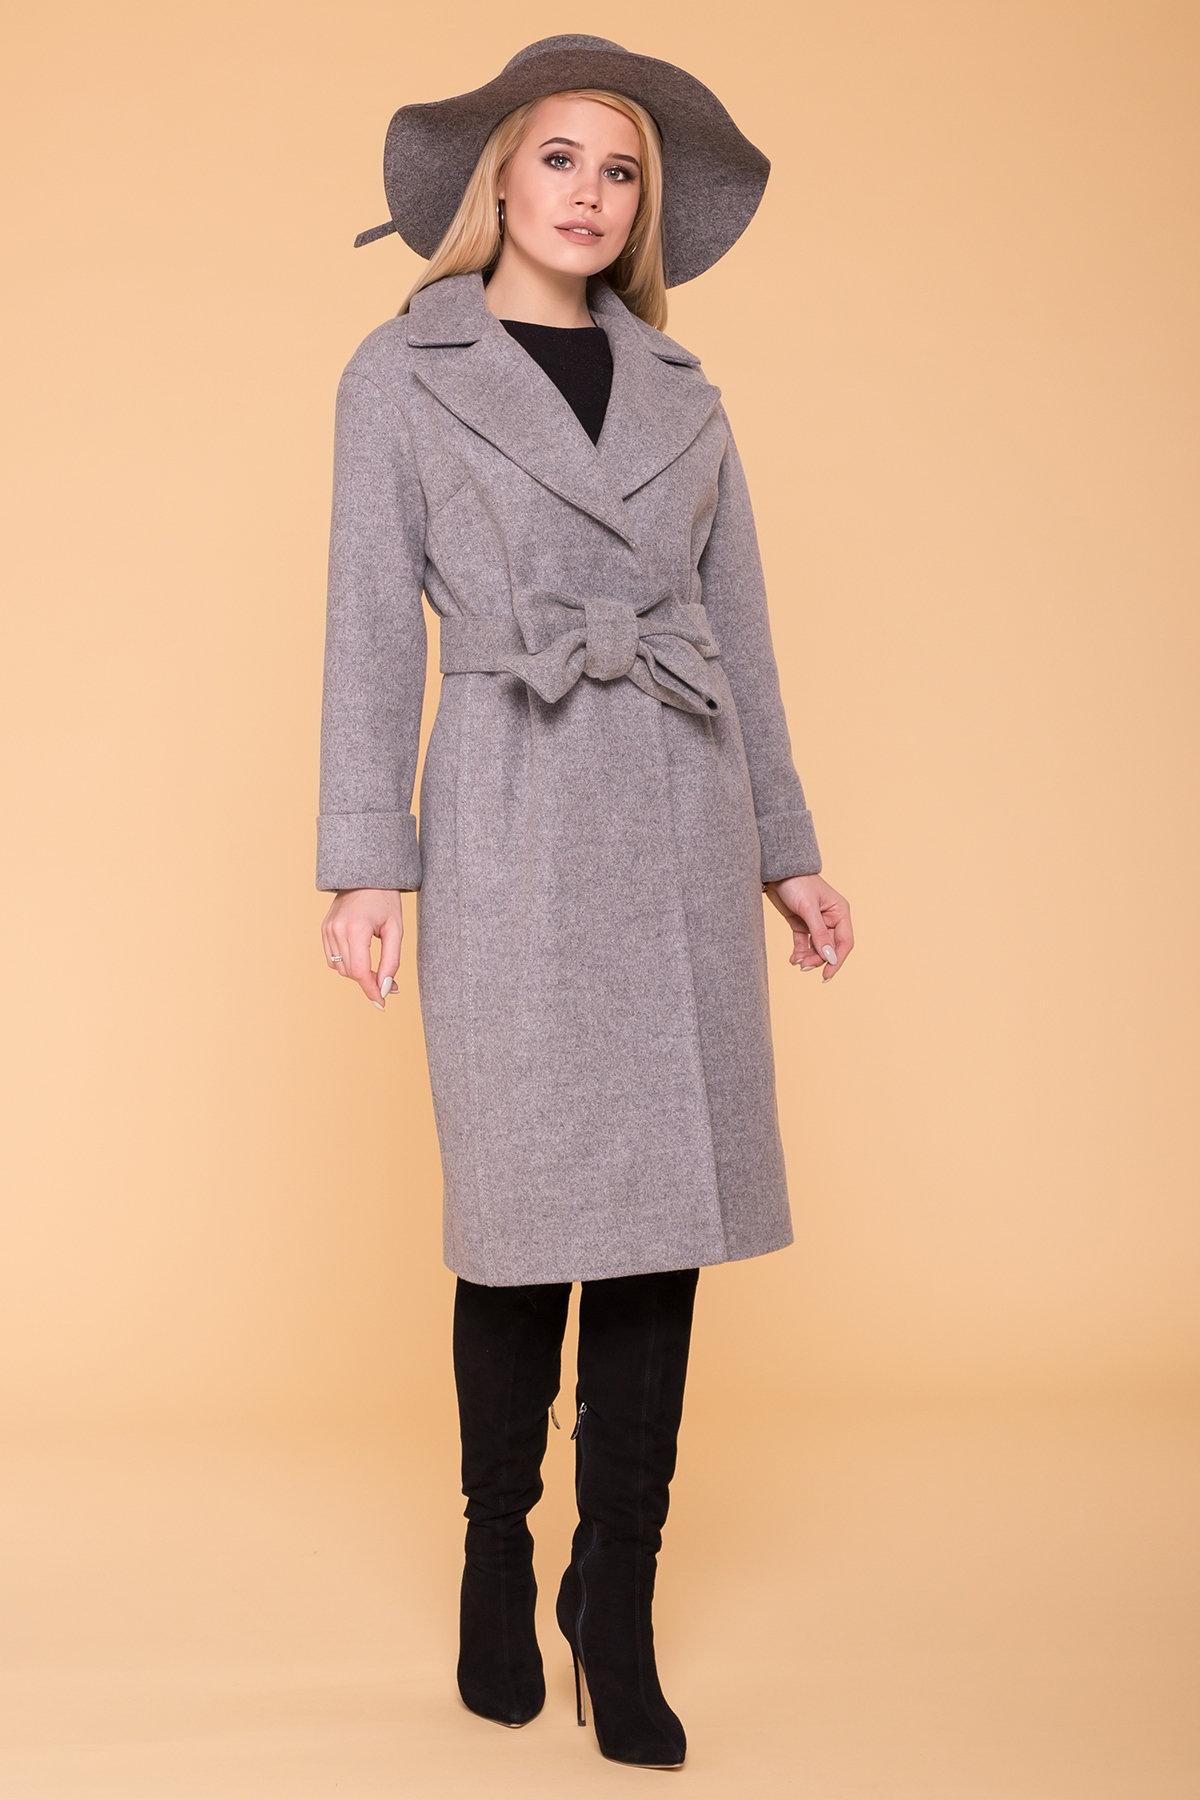 Купить пальто демисезонное от Modus Демисезонное пальто Месси 6226